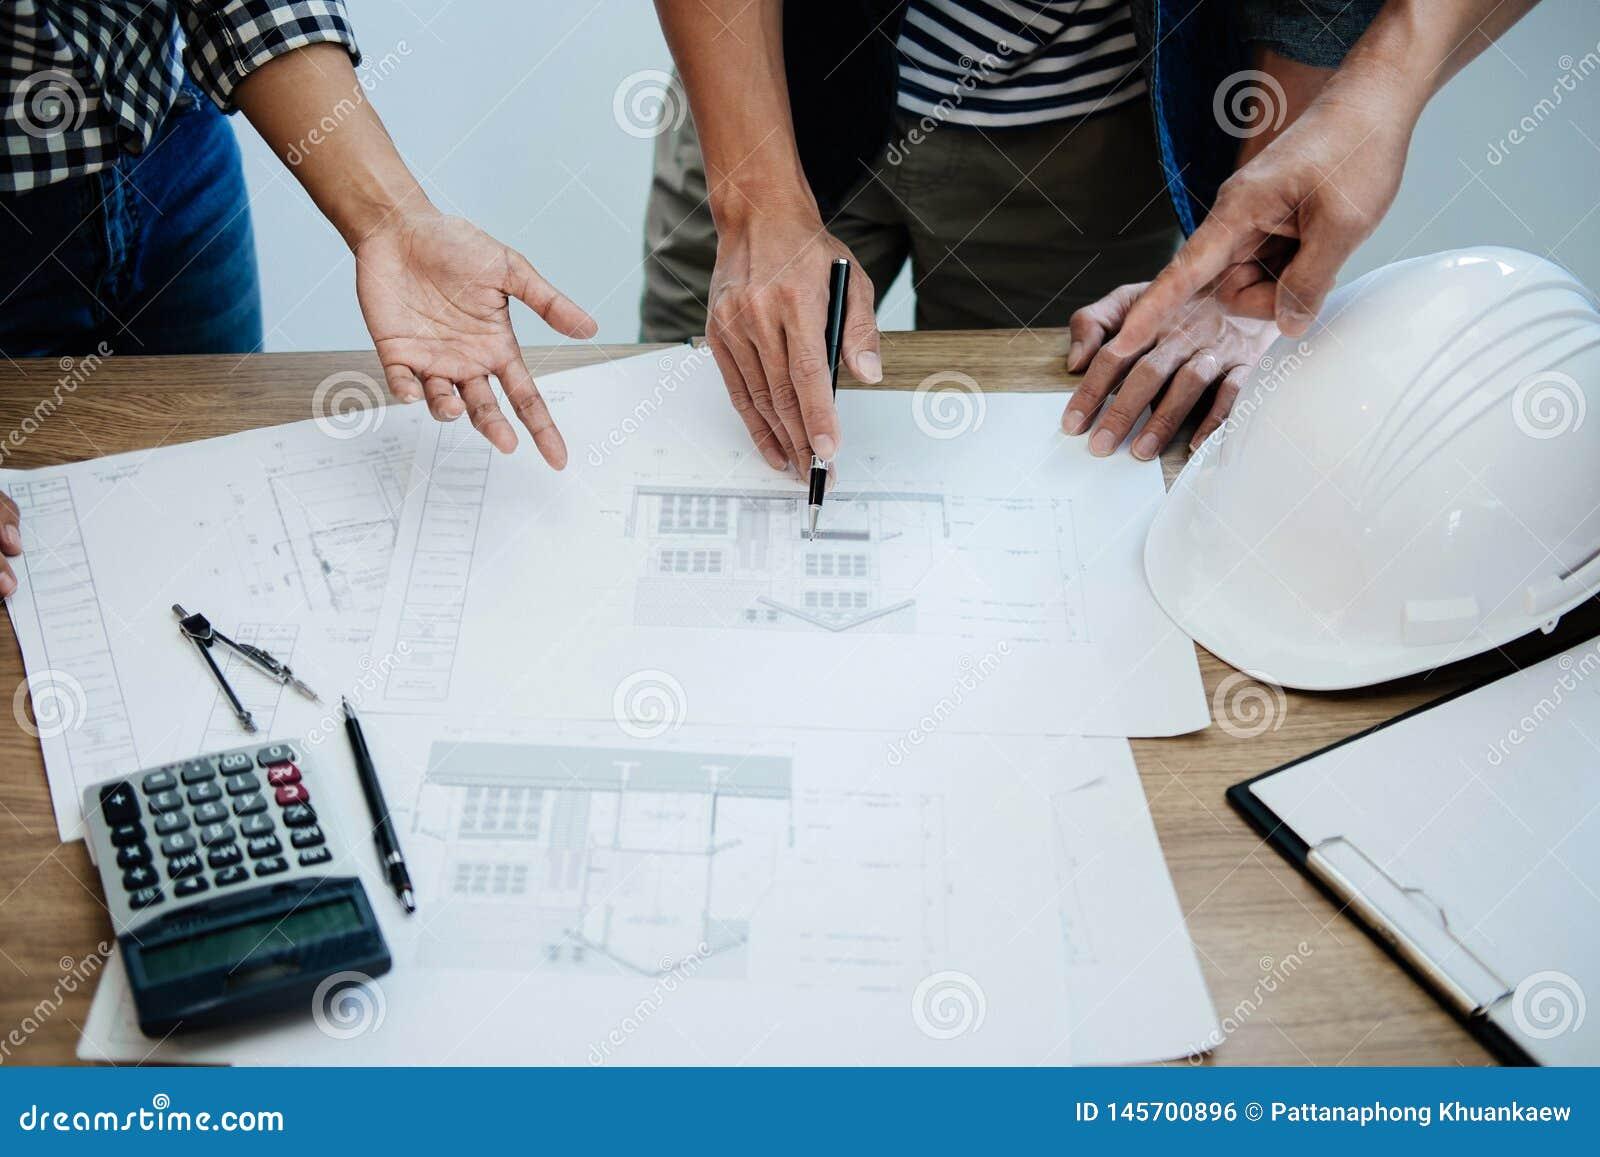 Coordenador Teamwork Meeting da arquitetura, tirando e trabalhando para ferramentas arquitet?nicas do projeto e da engenharia no